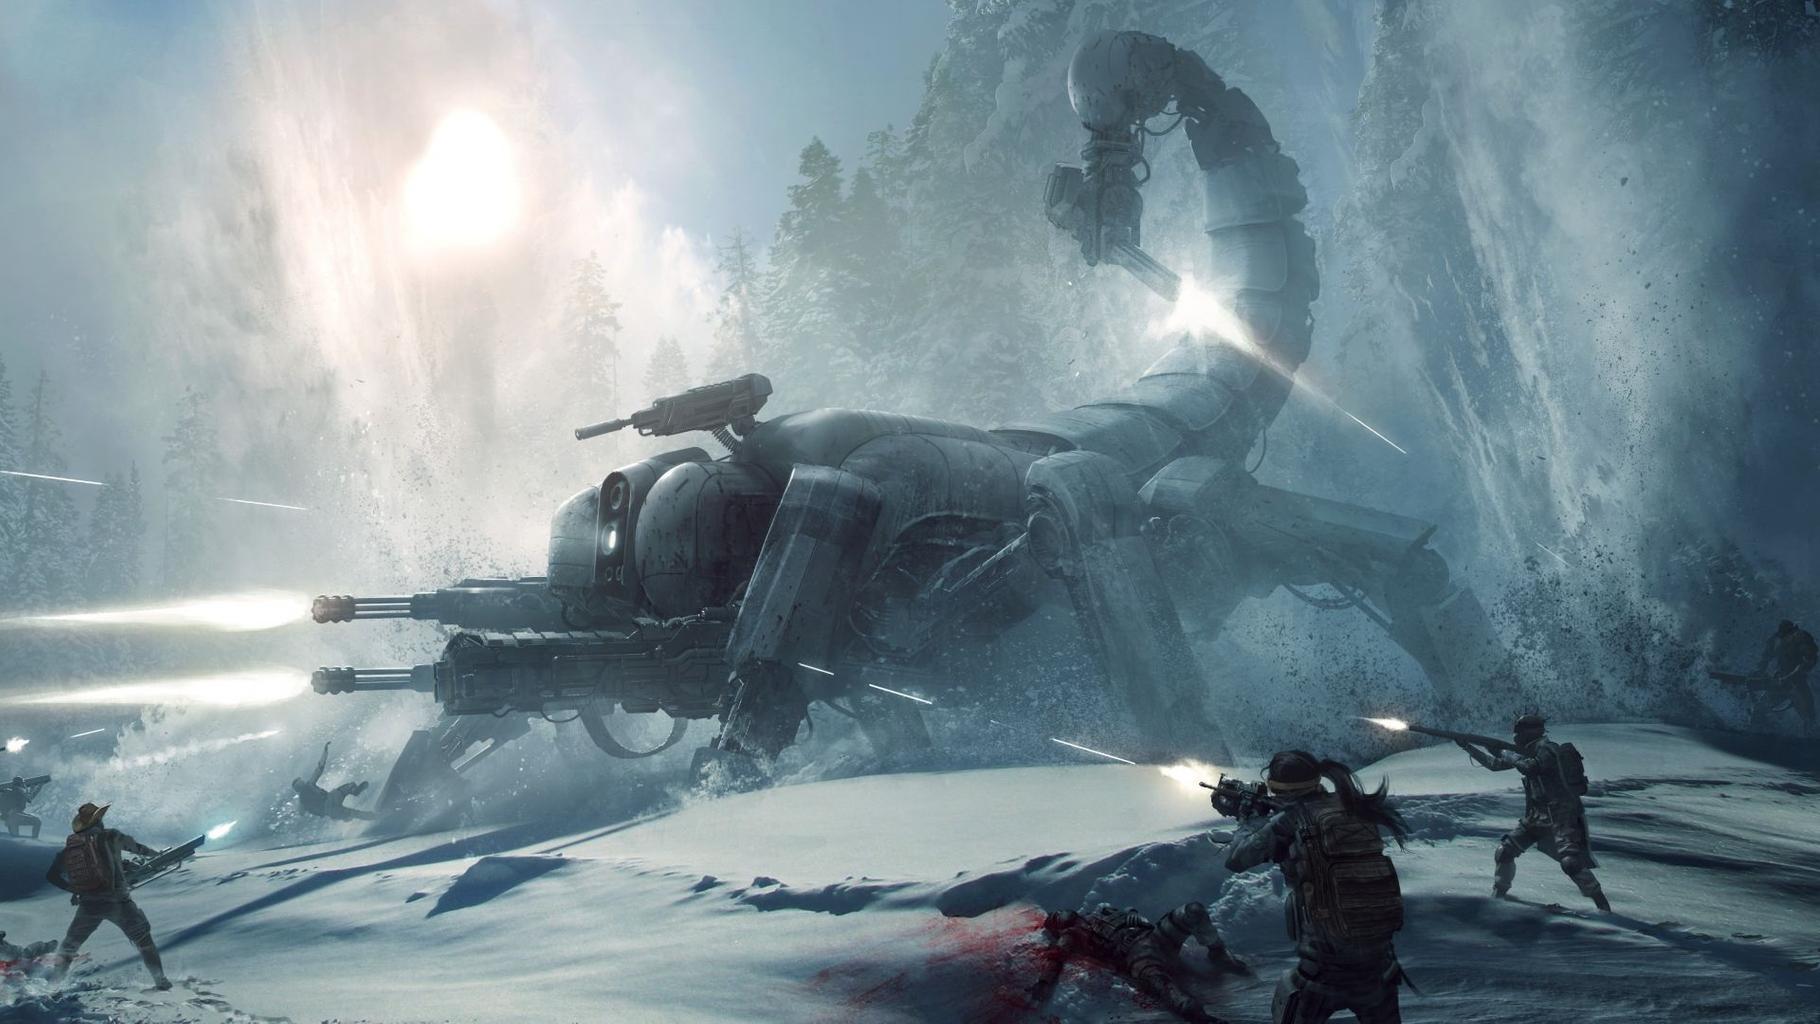 Никто не уйдёт живым: Wasteland 3 после релиза получит режим Permadeath